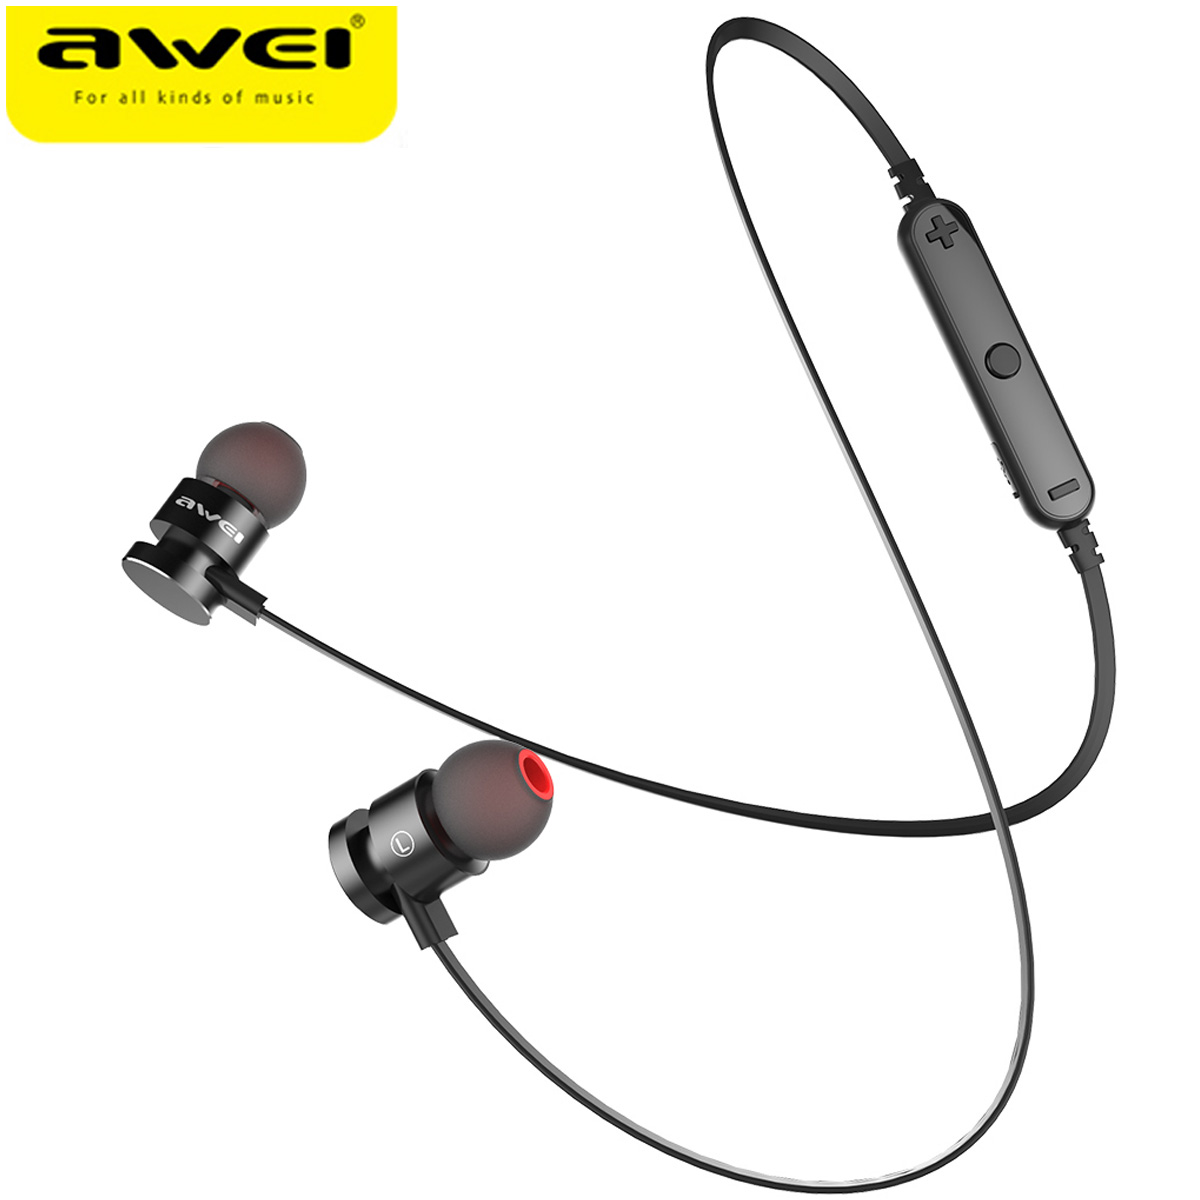 2017 новые AWEI T11 Беспроводной наушники bluetooth наушники Fone де ouvido для телефона шейным Ecouteur Auriculares Bluetooth v4.2